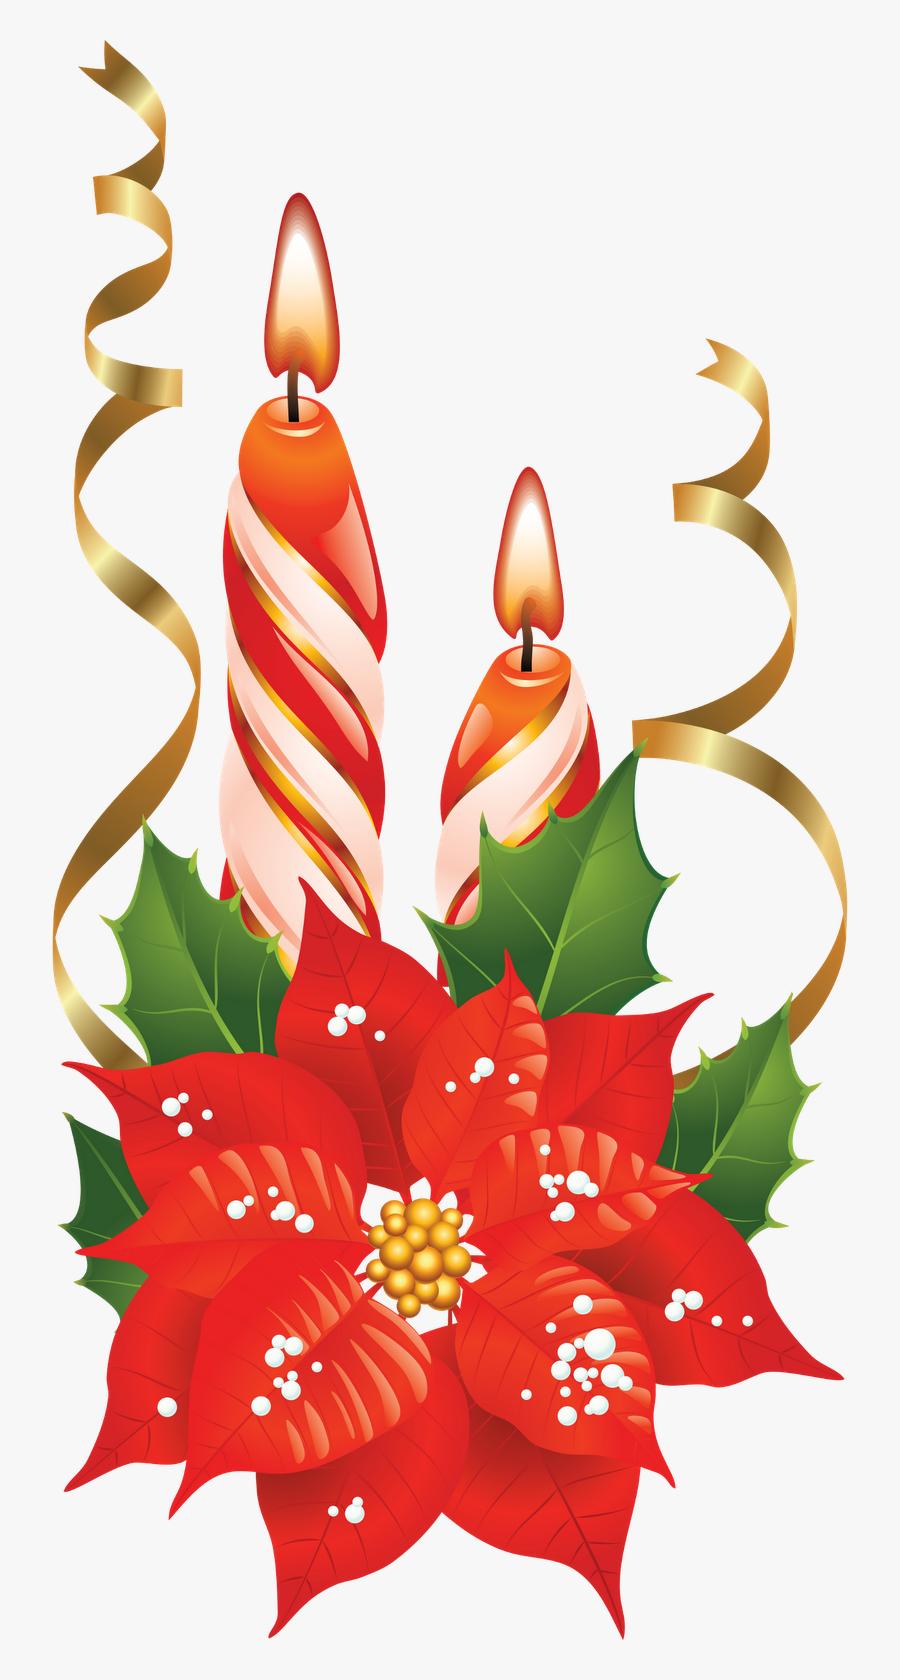 Coisas De Natal Png, Transparent Clipart